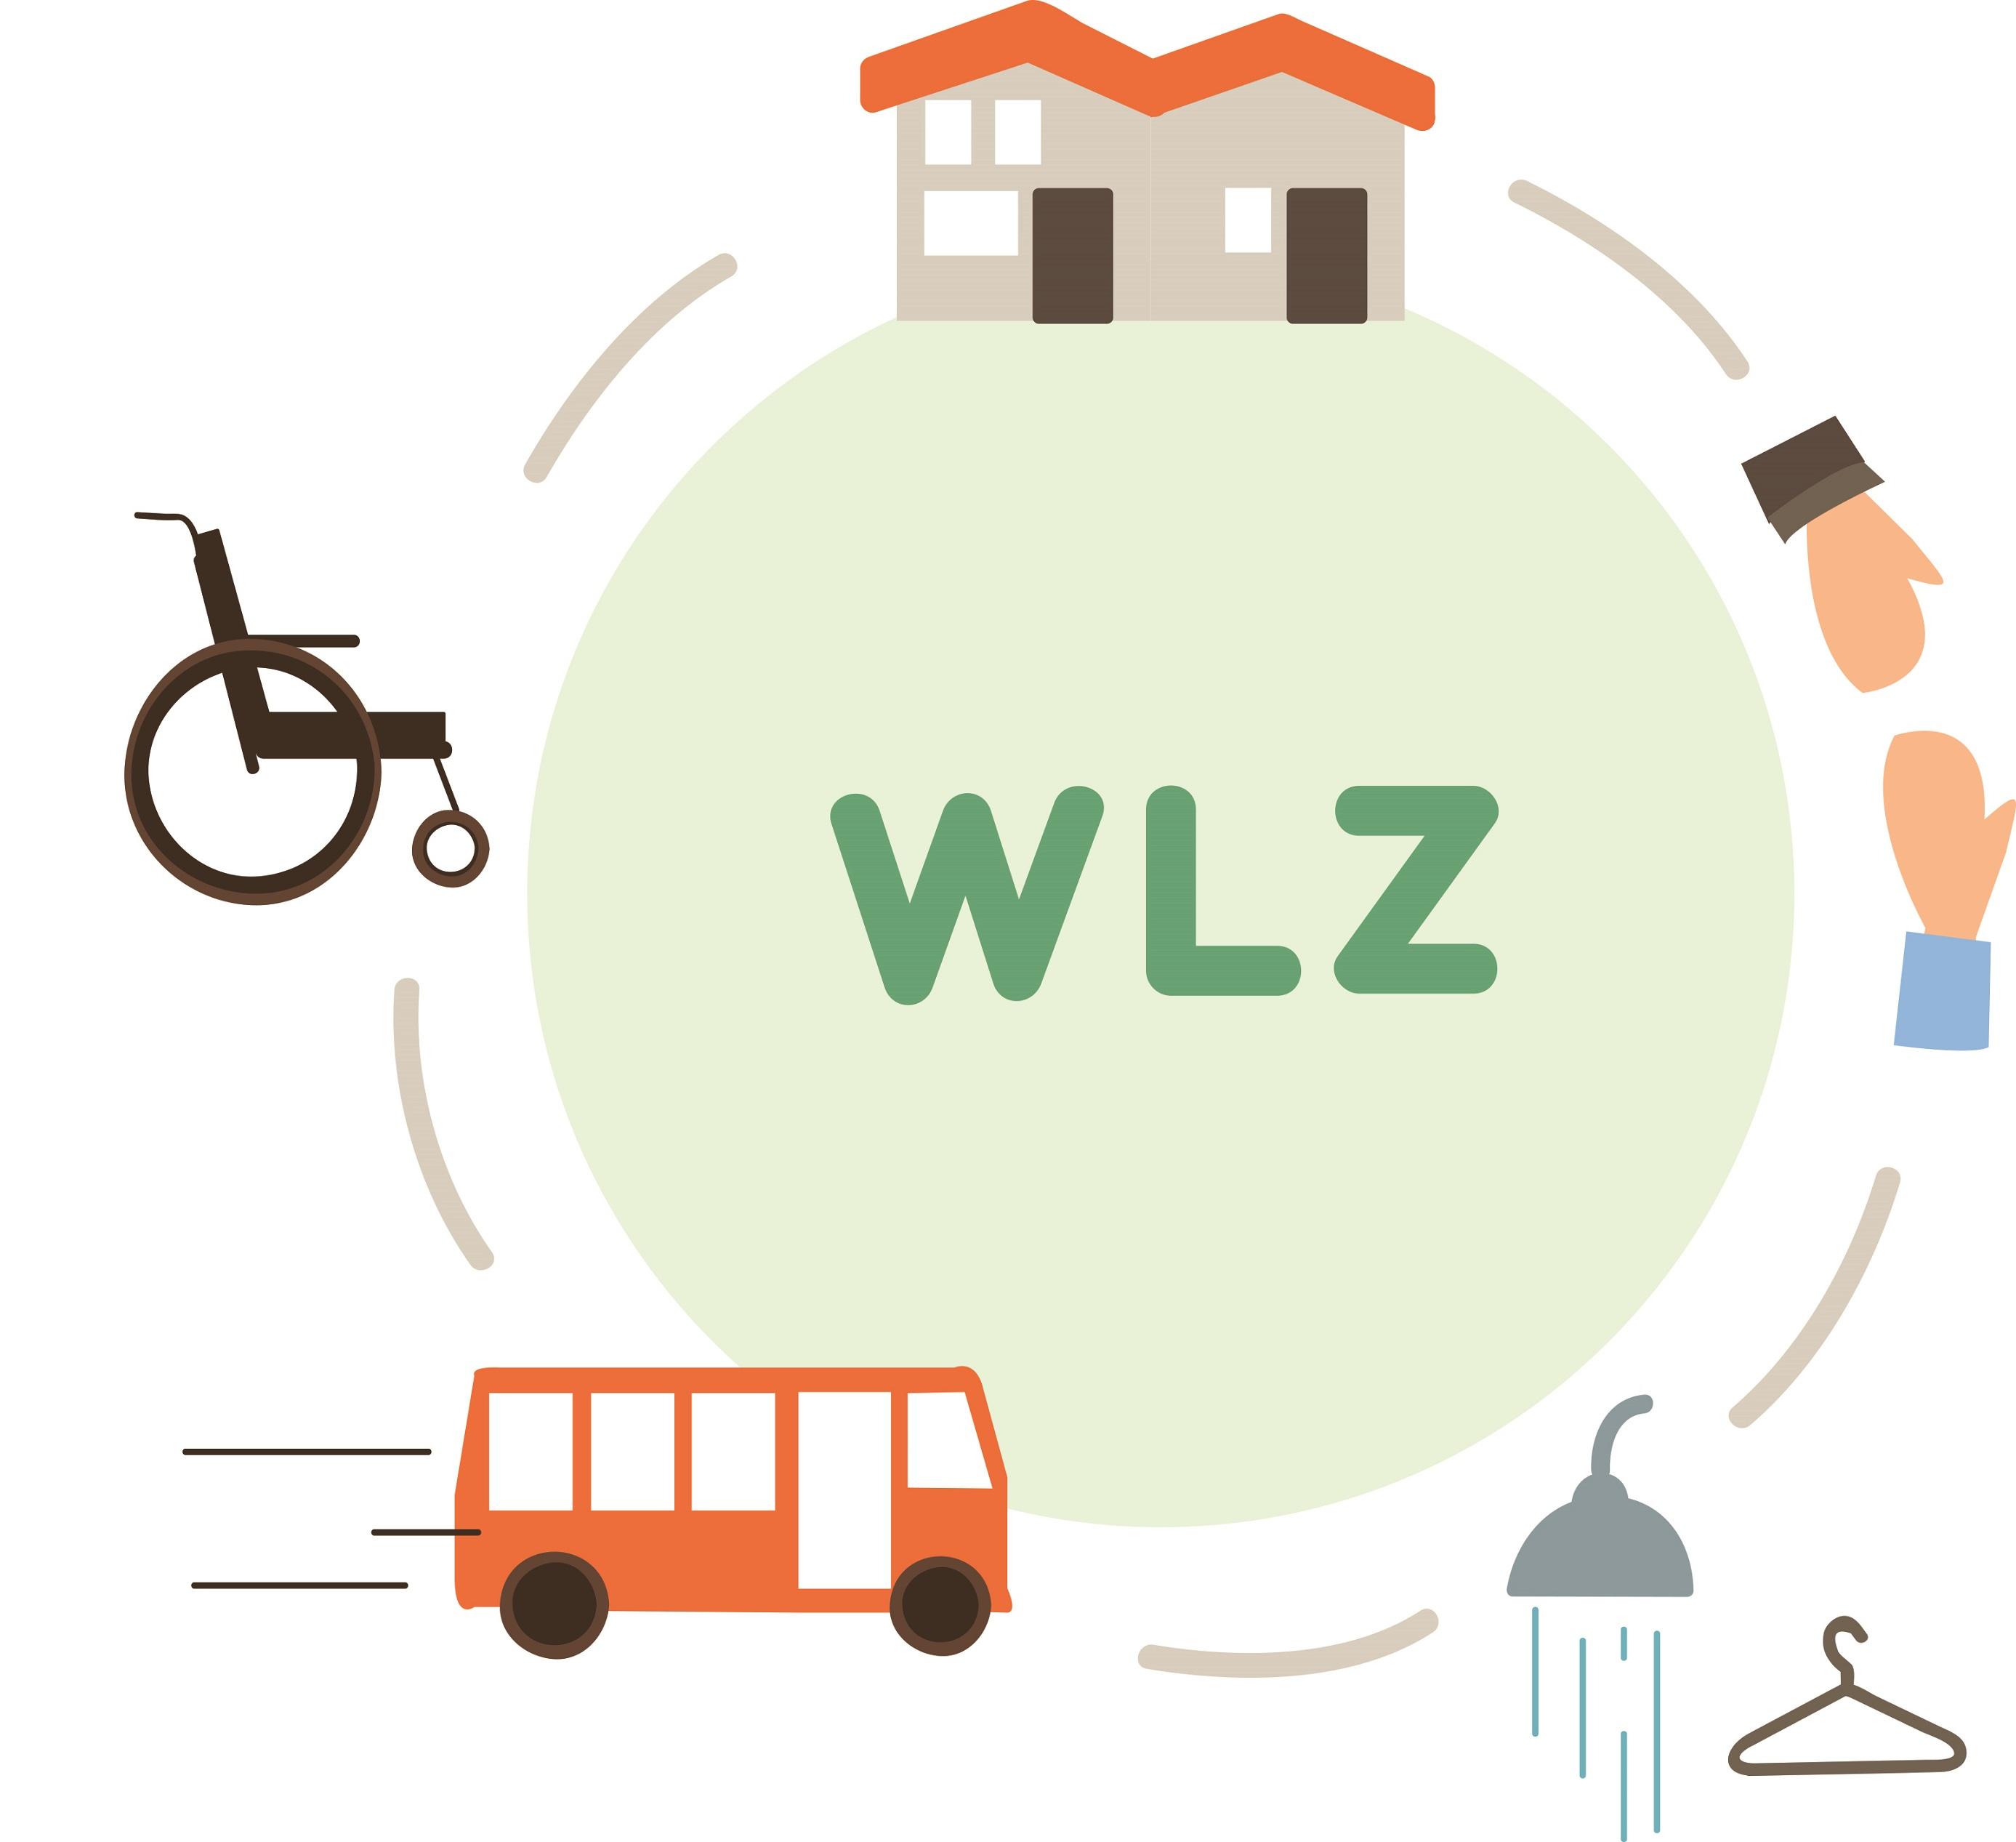 HBH-Hulp van WLZ cliënten naar de WLZ